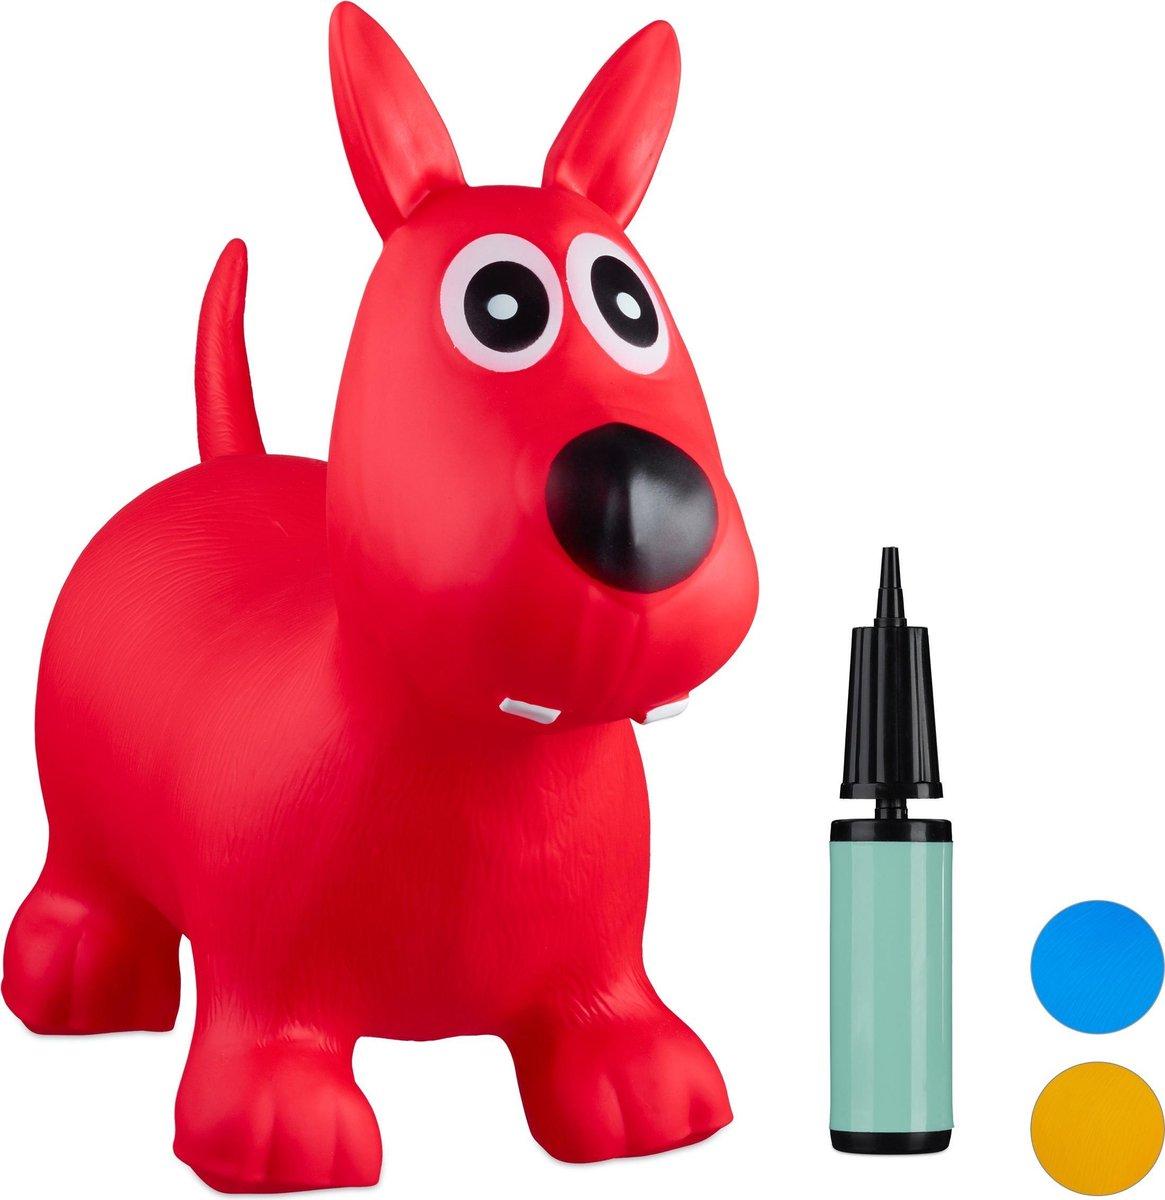 relaxdays Skippy dier hond - skippybal kinderen - tot 50 kg - springdier - versch. kleuren rood